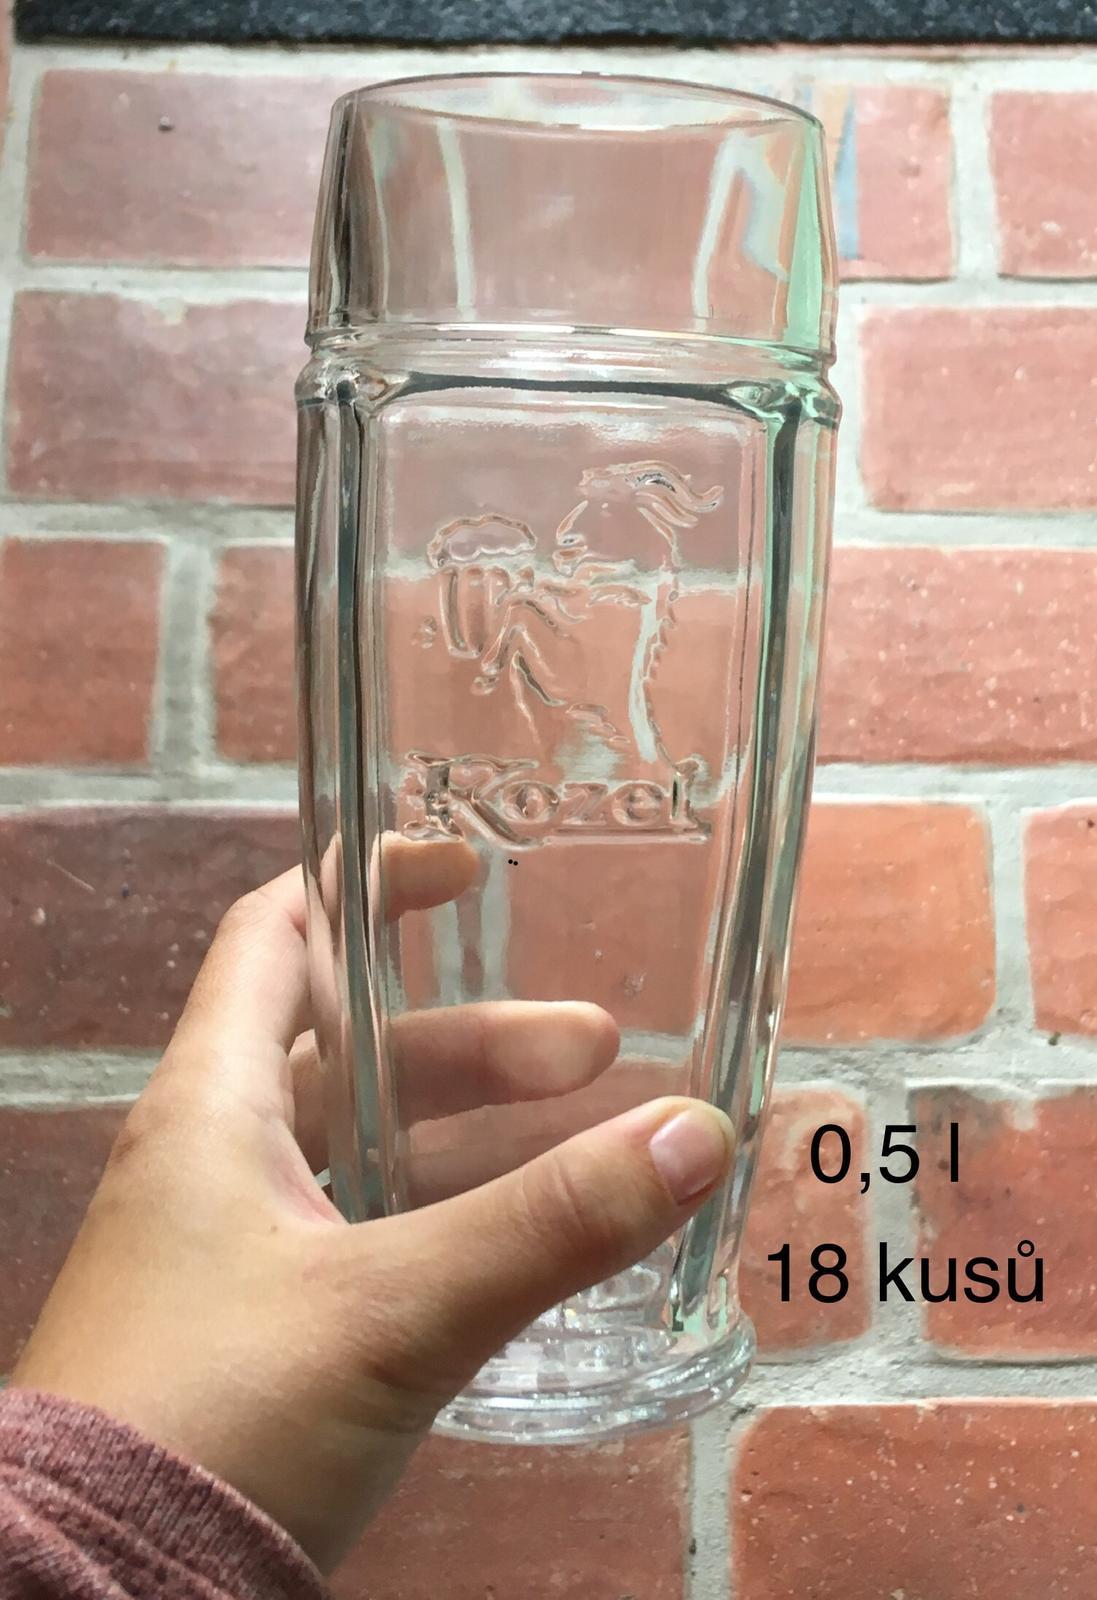 Pivní sklenice - Obrázek č. 3